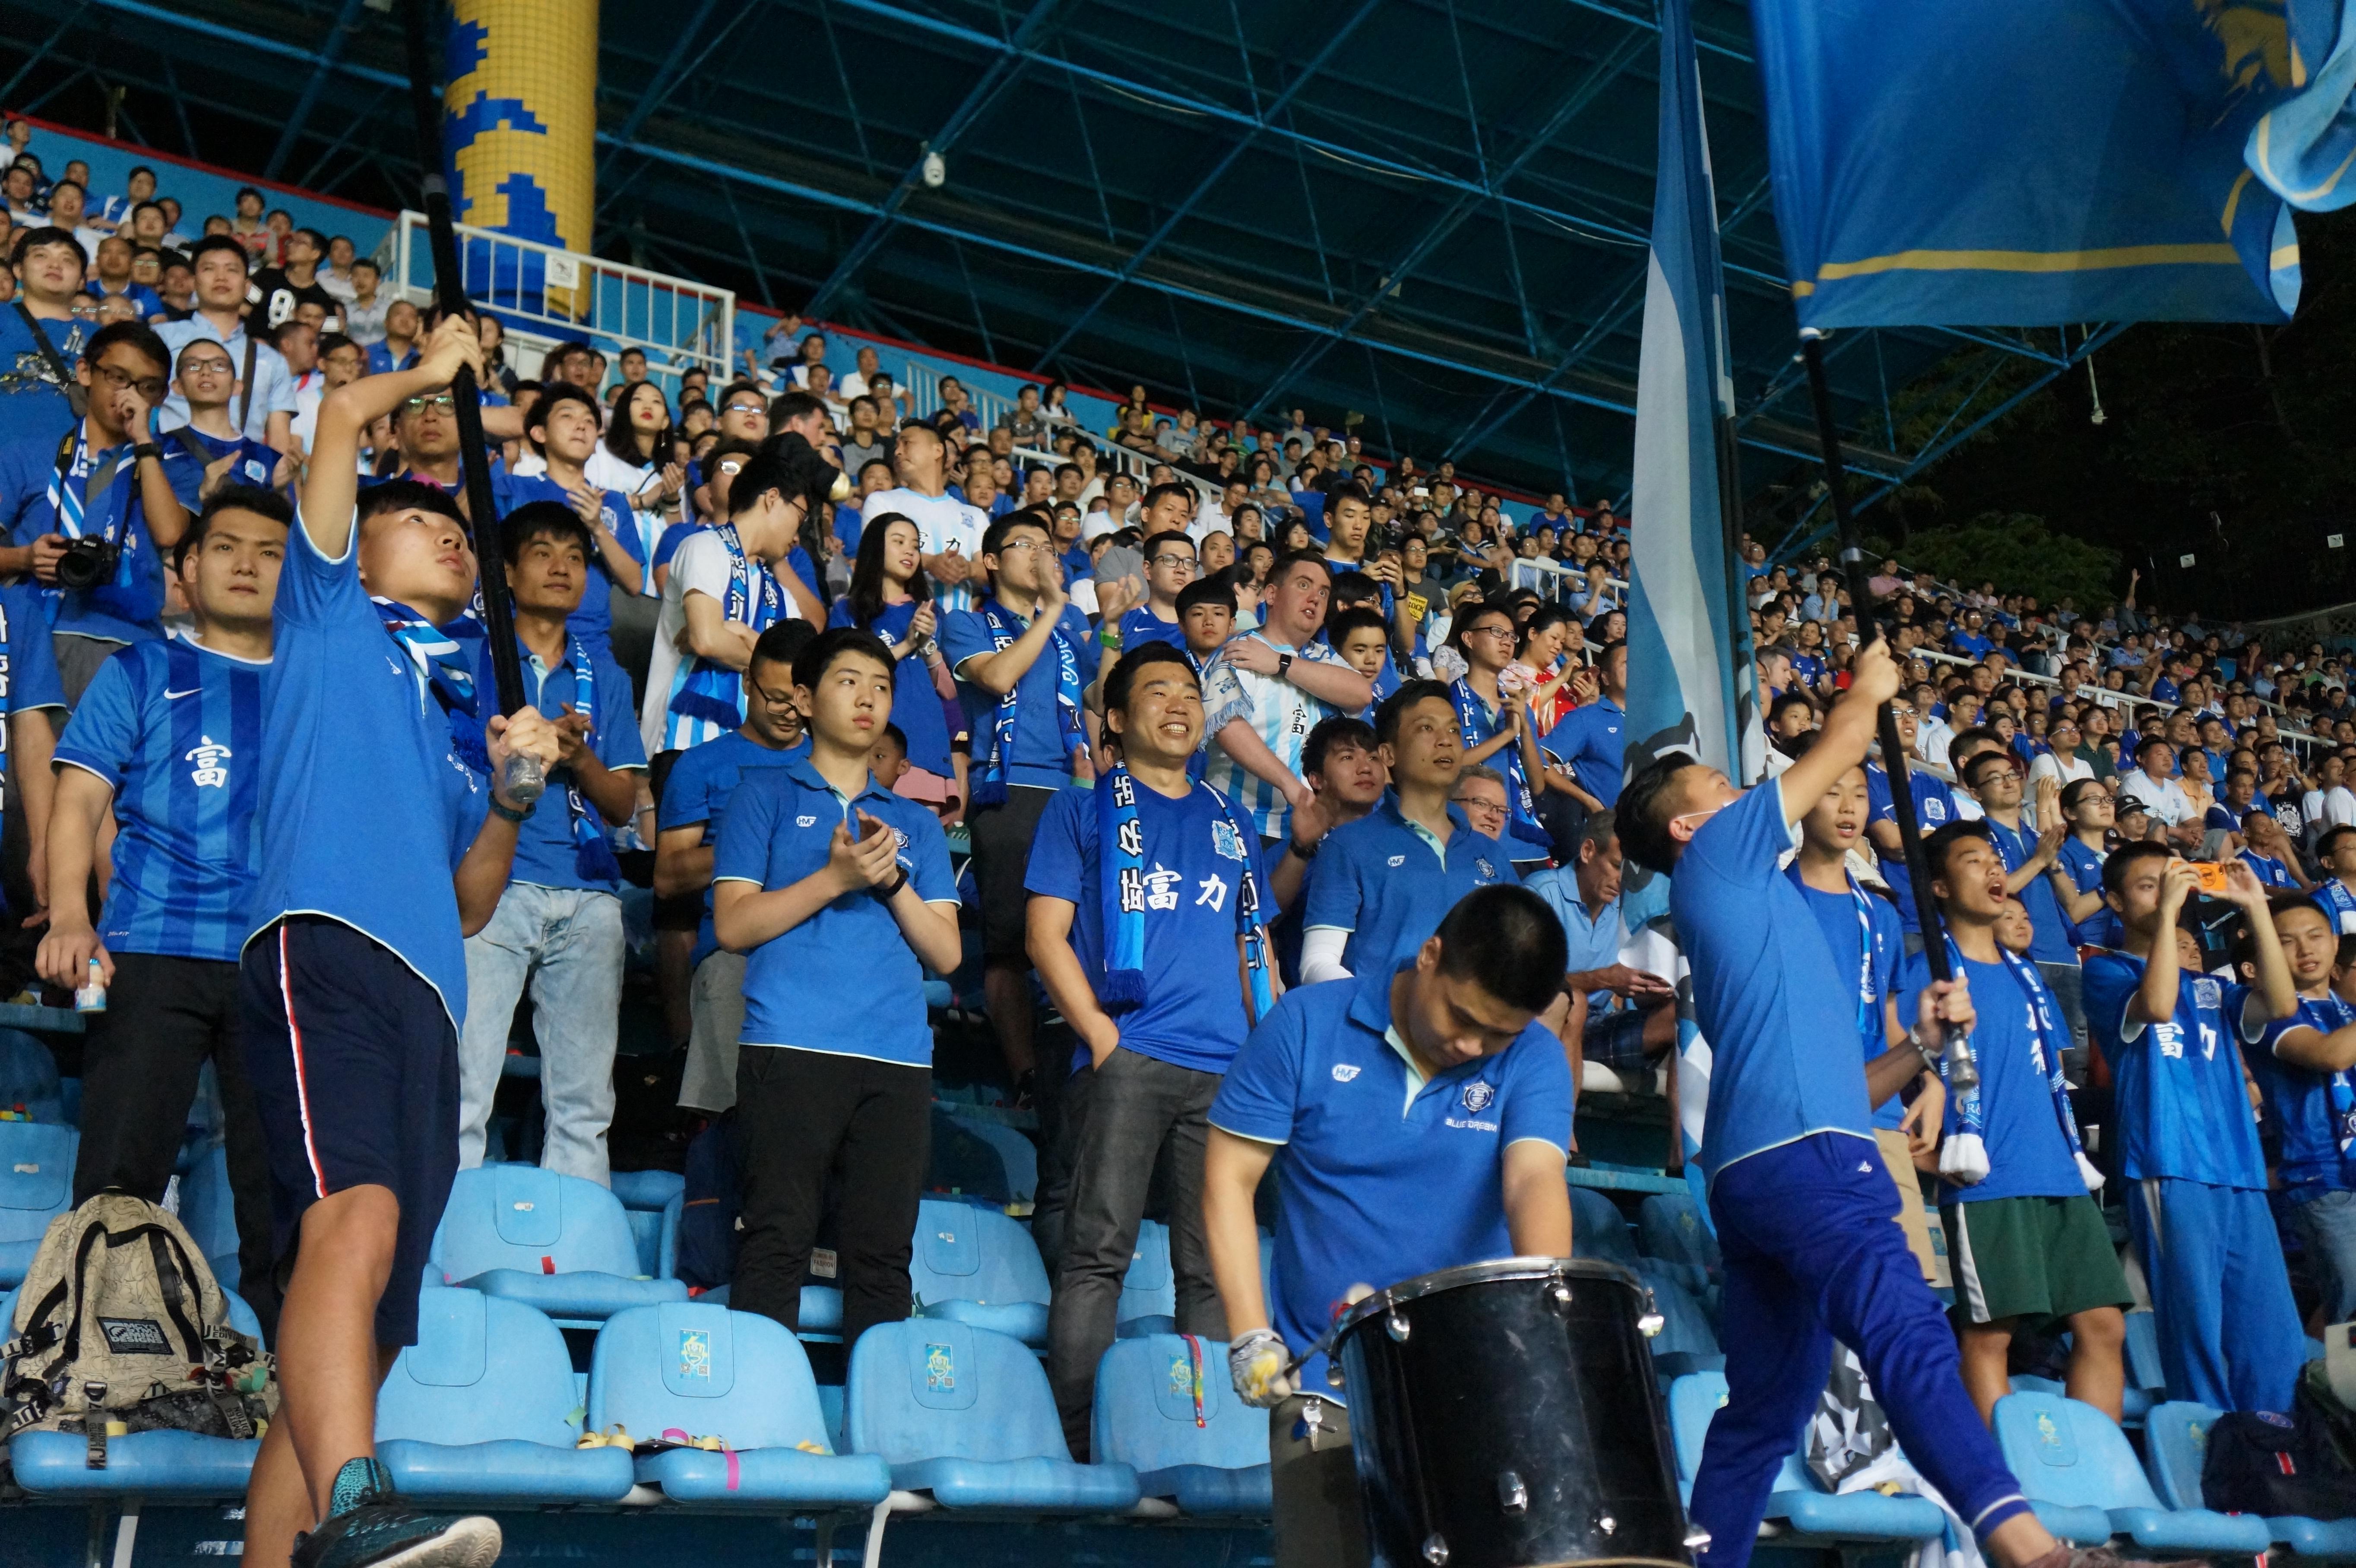 Guangzhou R&F ultras